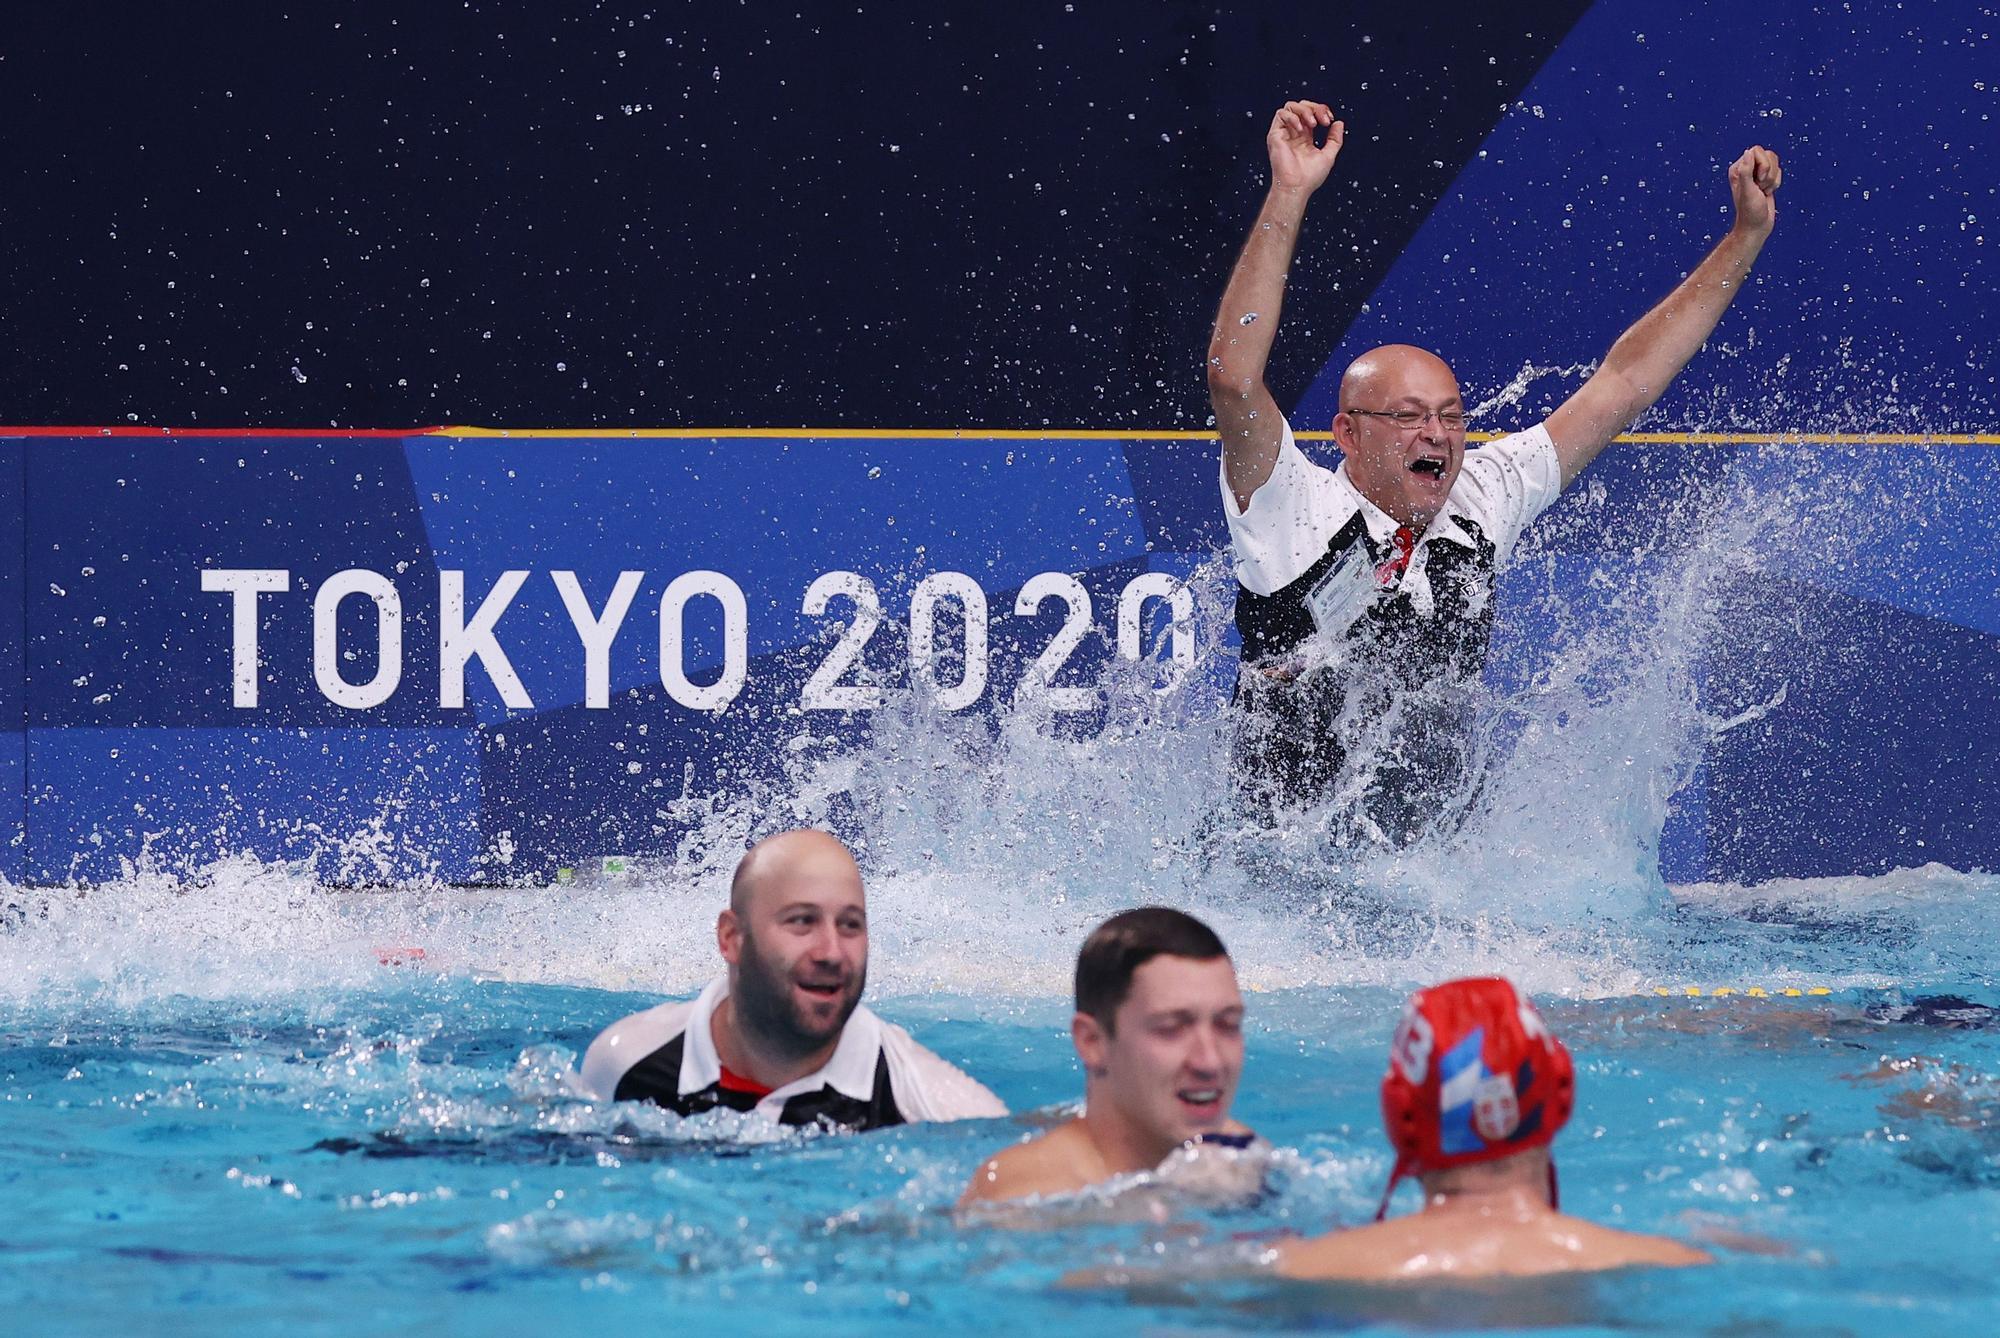 Tokio 2020, la jornada del 8 de agosto en imágenes